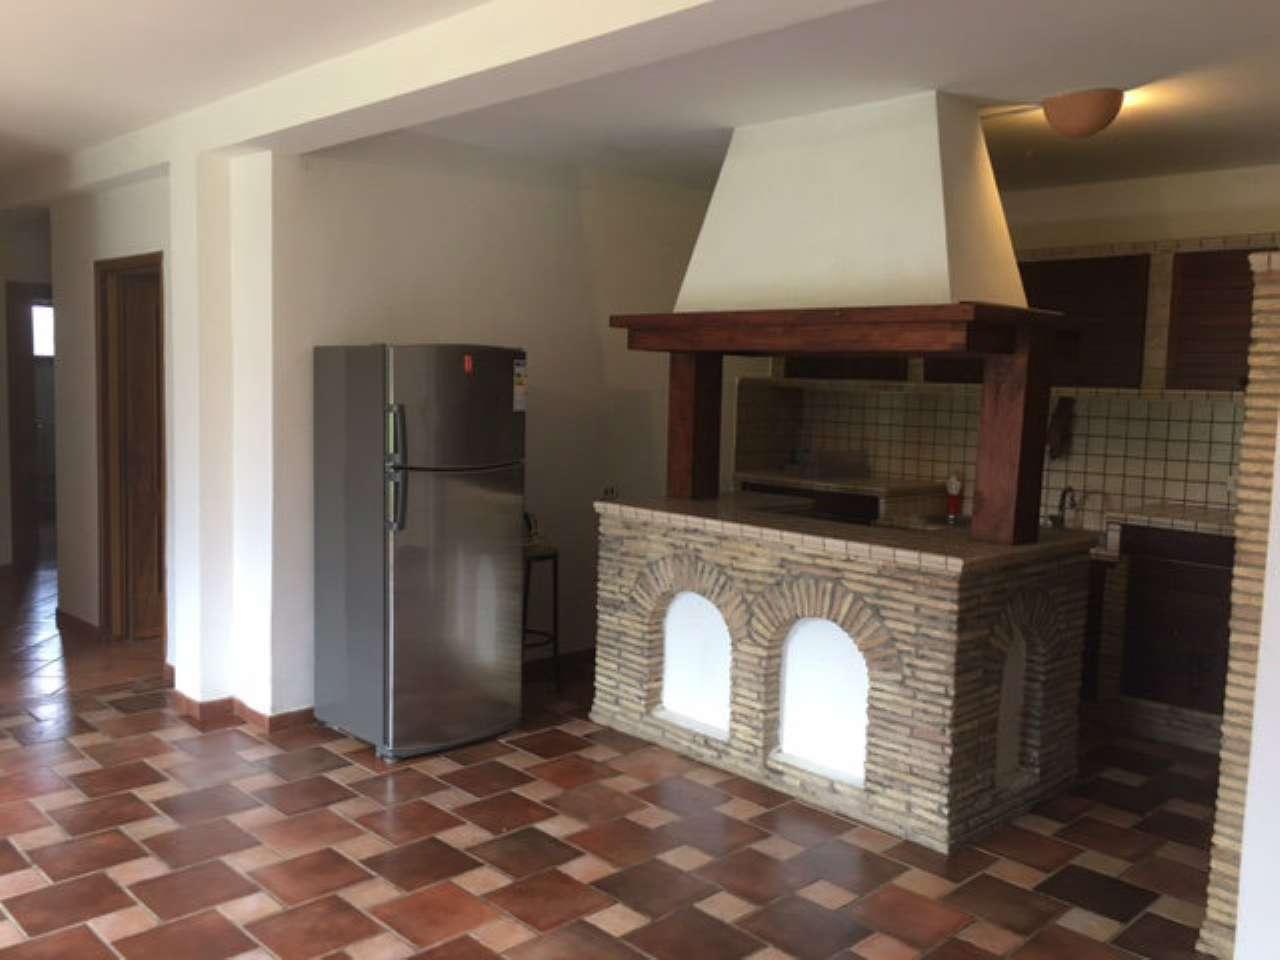 Soluzione Semindipendente in affitto a Formello, 9999 locali, prezzo € 850 | Cambio Casa.it